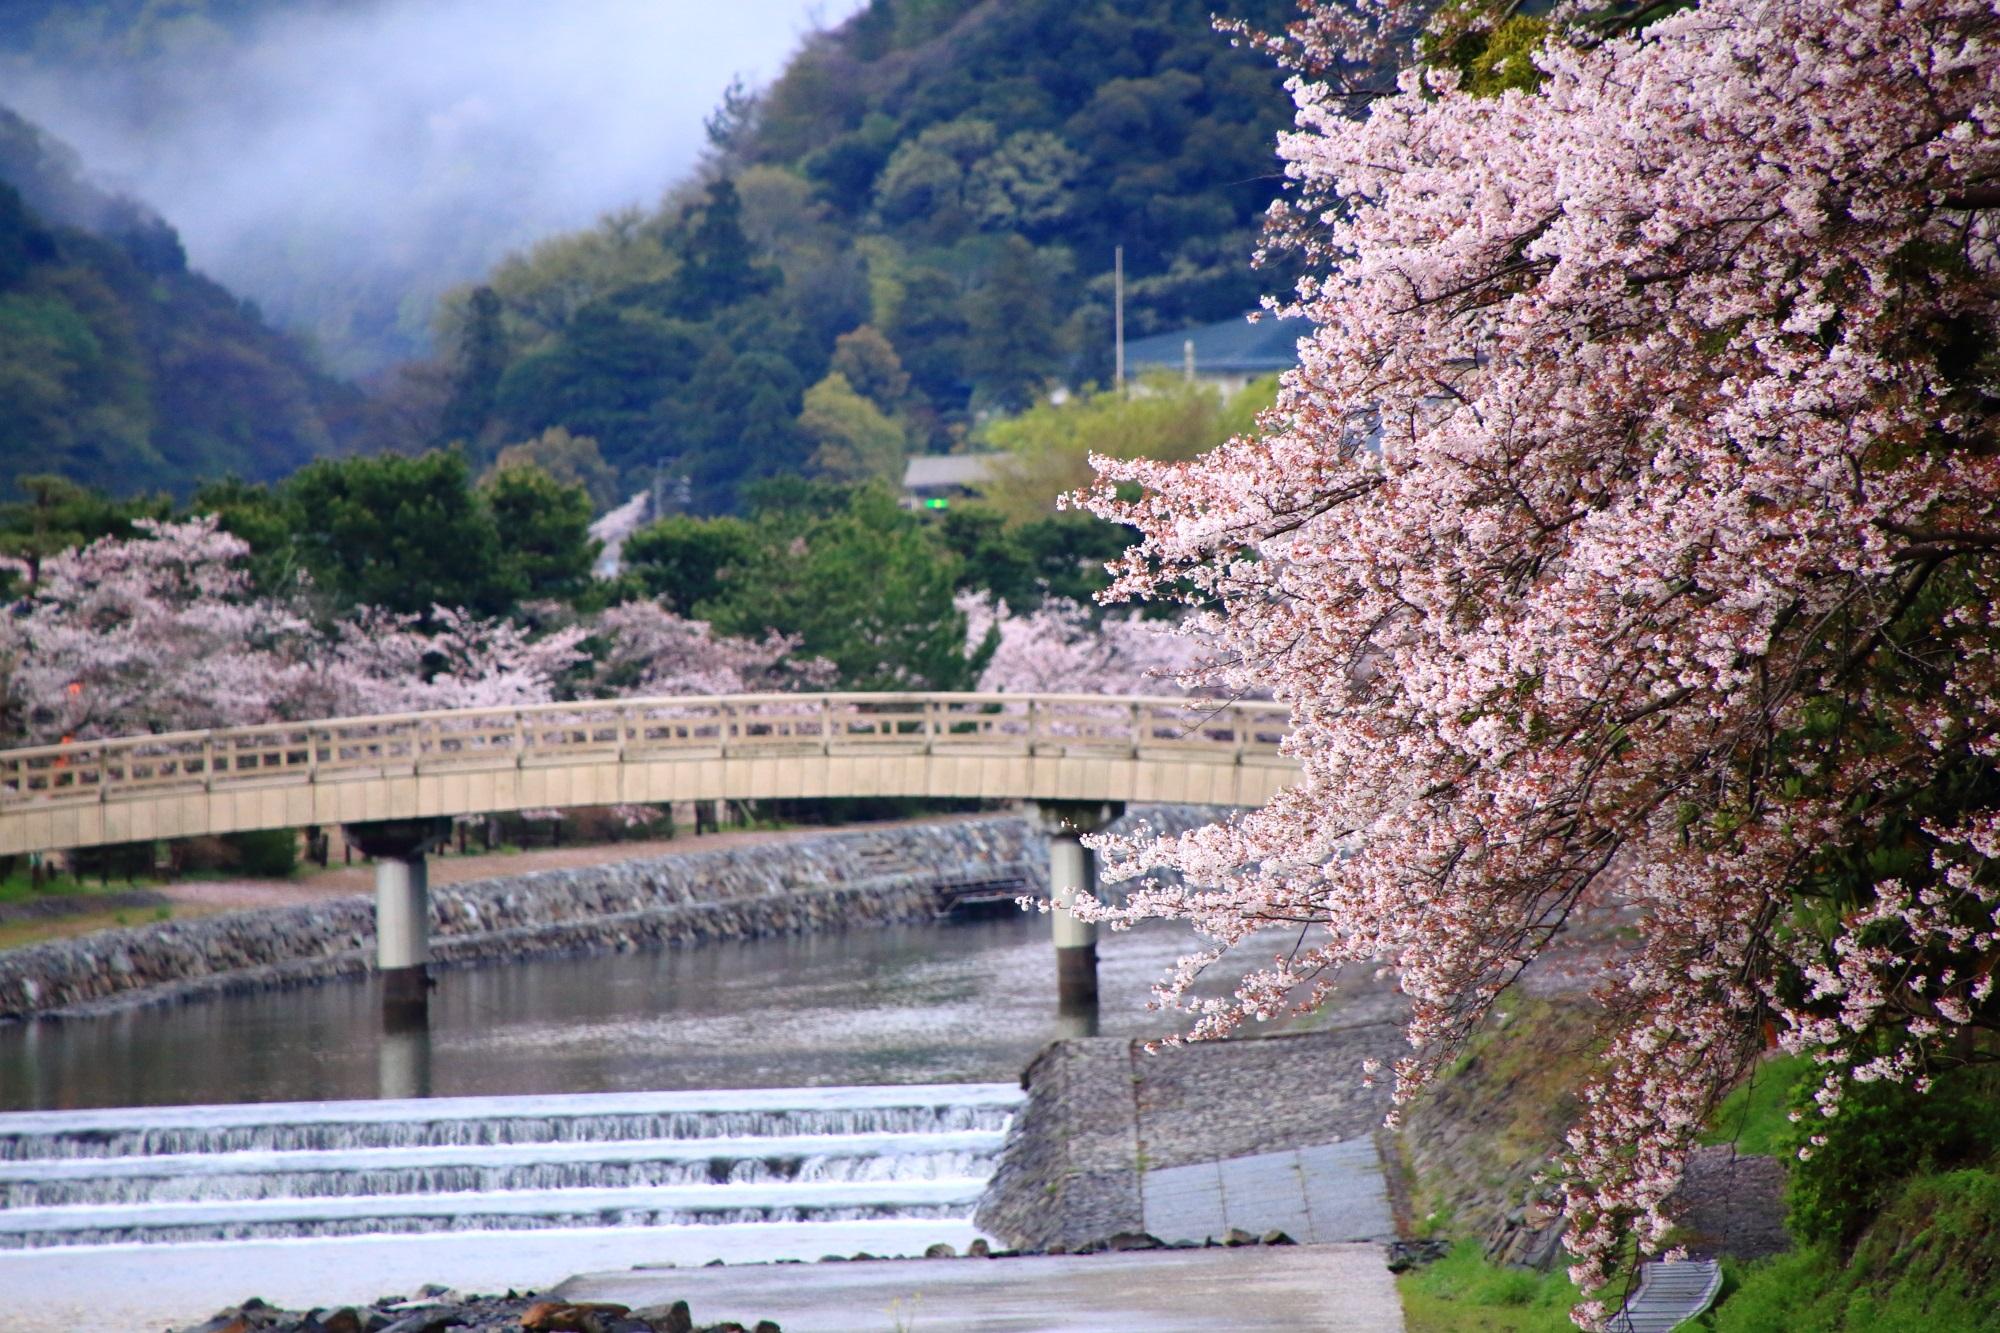 宇治川の溢れんばかりに咲き誇る桜